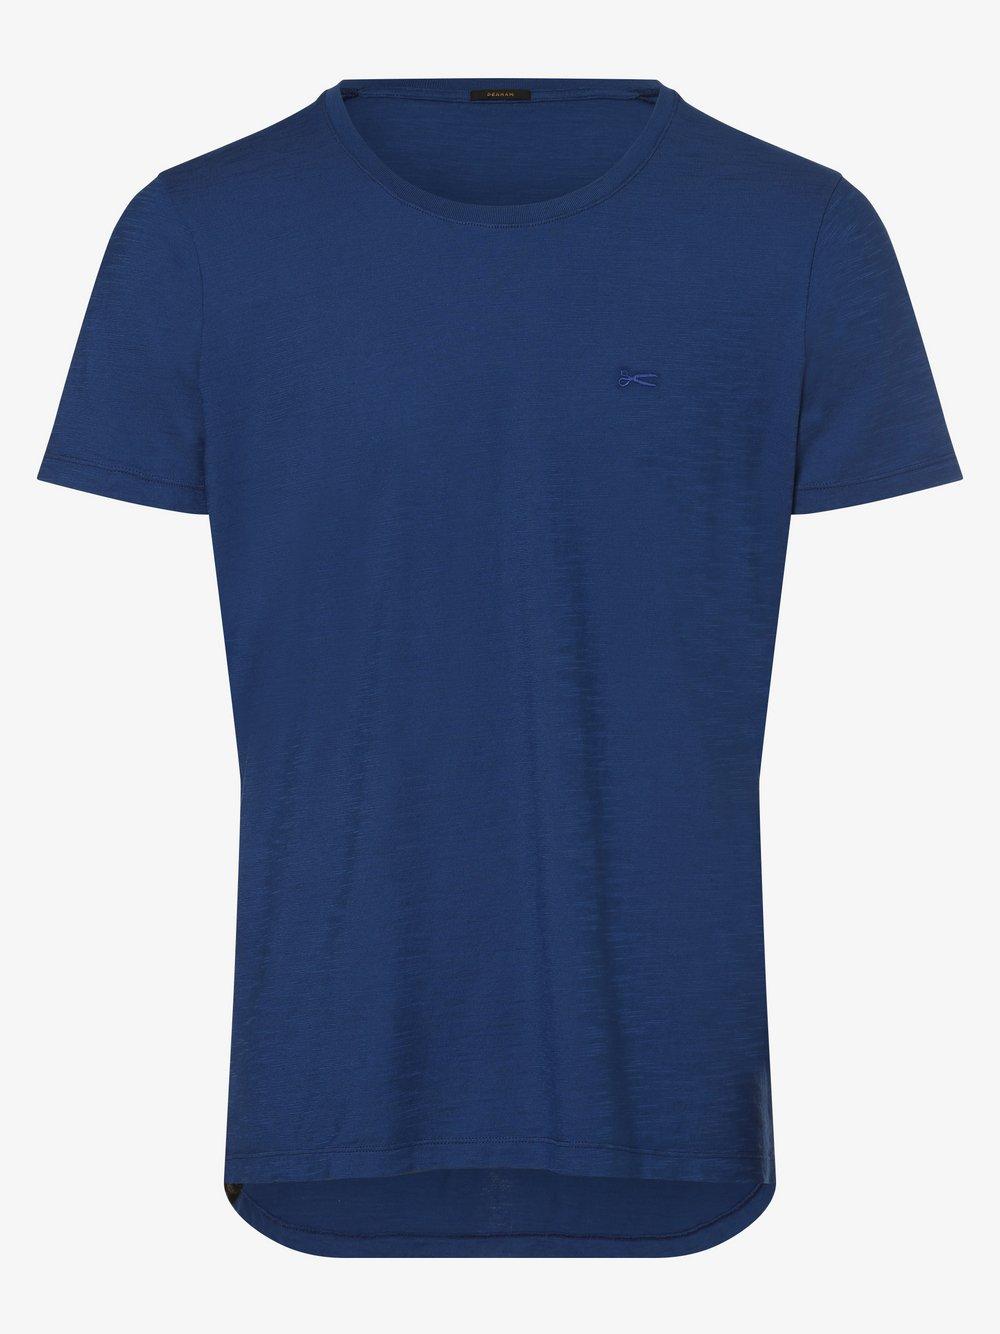 DENHAM – T-shirt męski, niebieski Van Graaf 473192-0001-09940